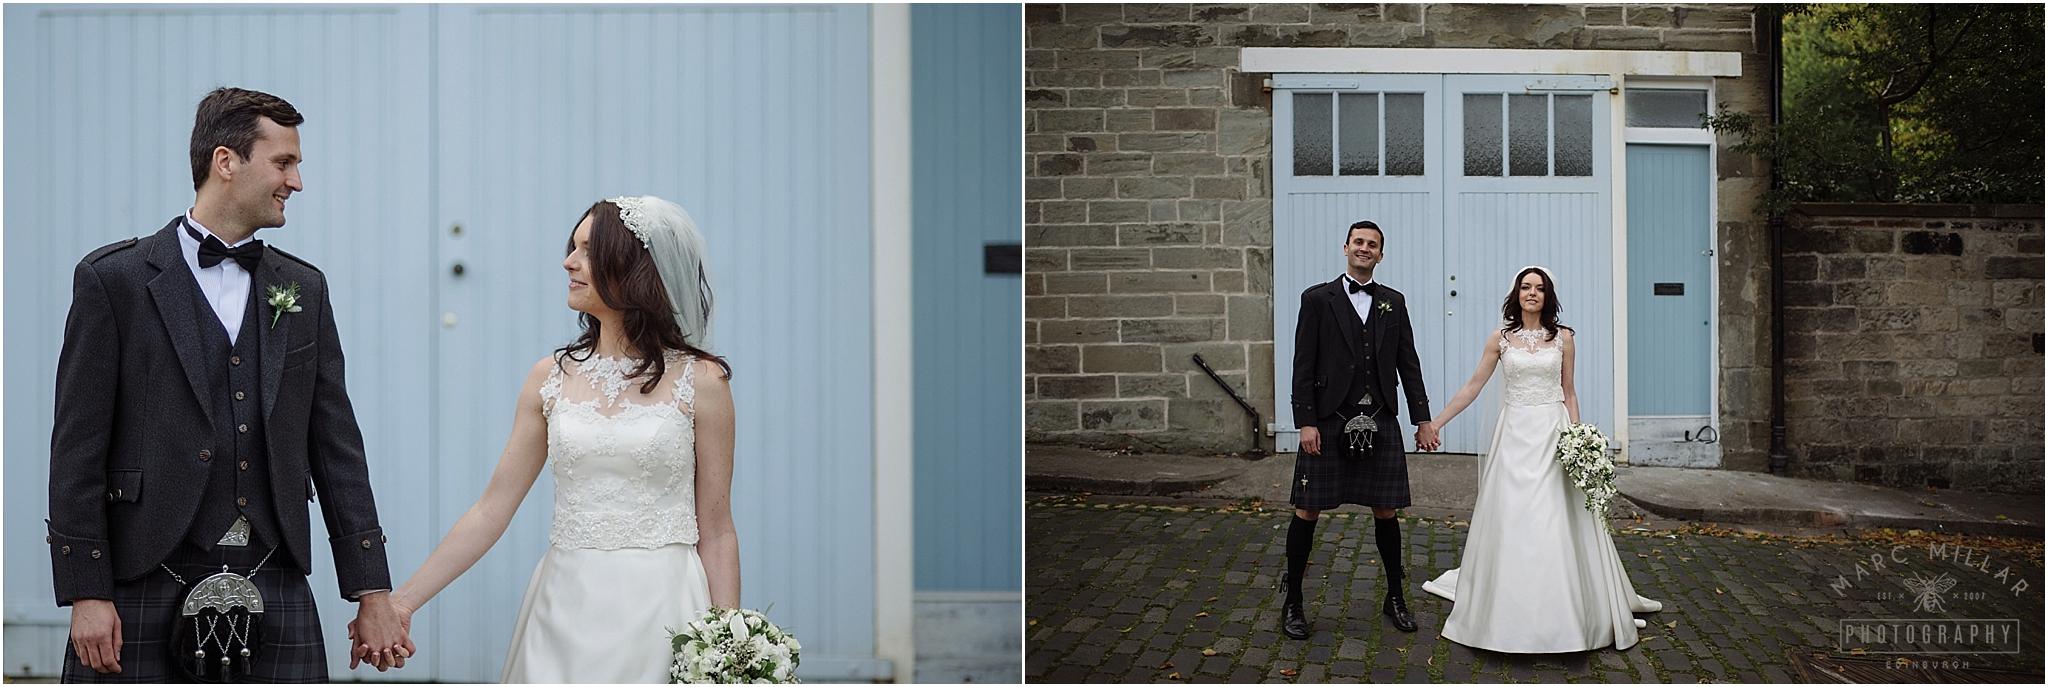 The Balmoral Wedding Photos _012.jpg